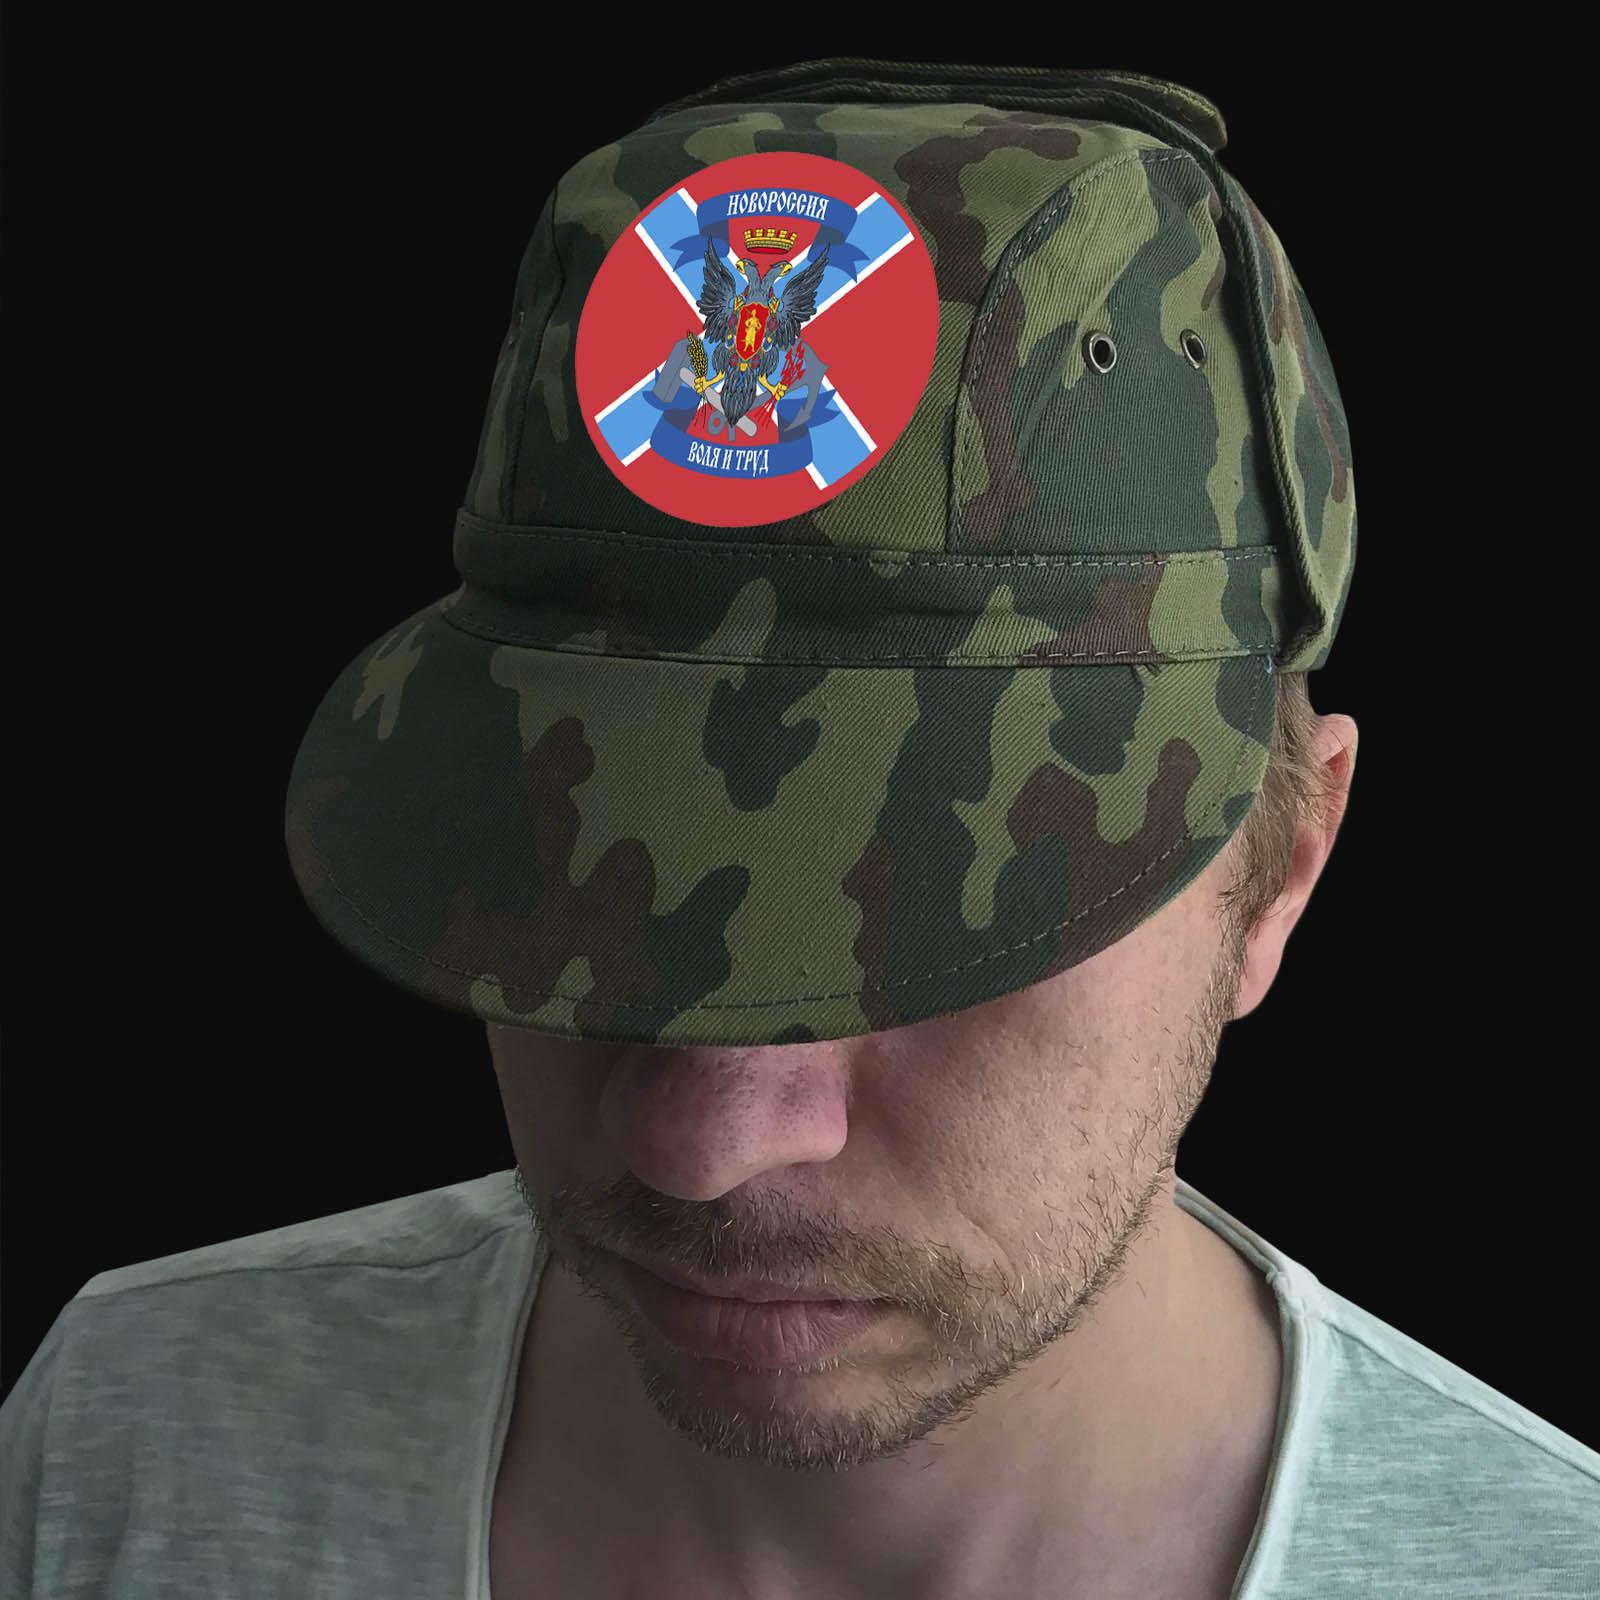 """Достойная мужская кепка """"Новороссия. Воля и труд"""""""